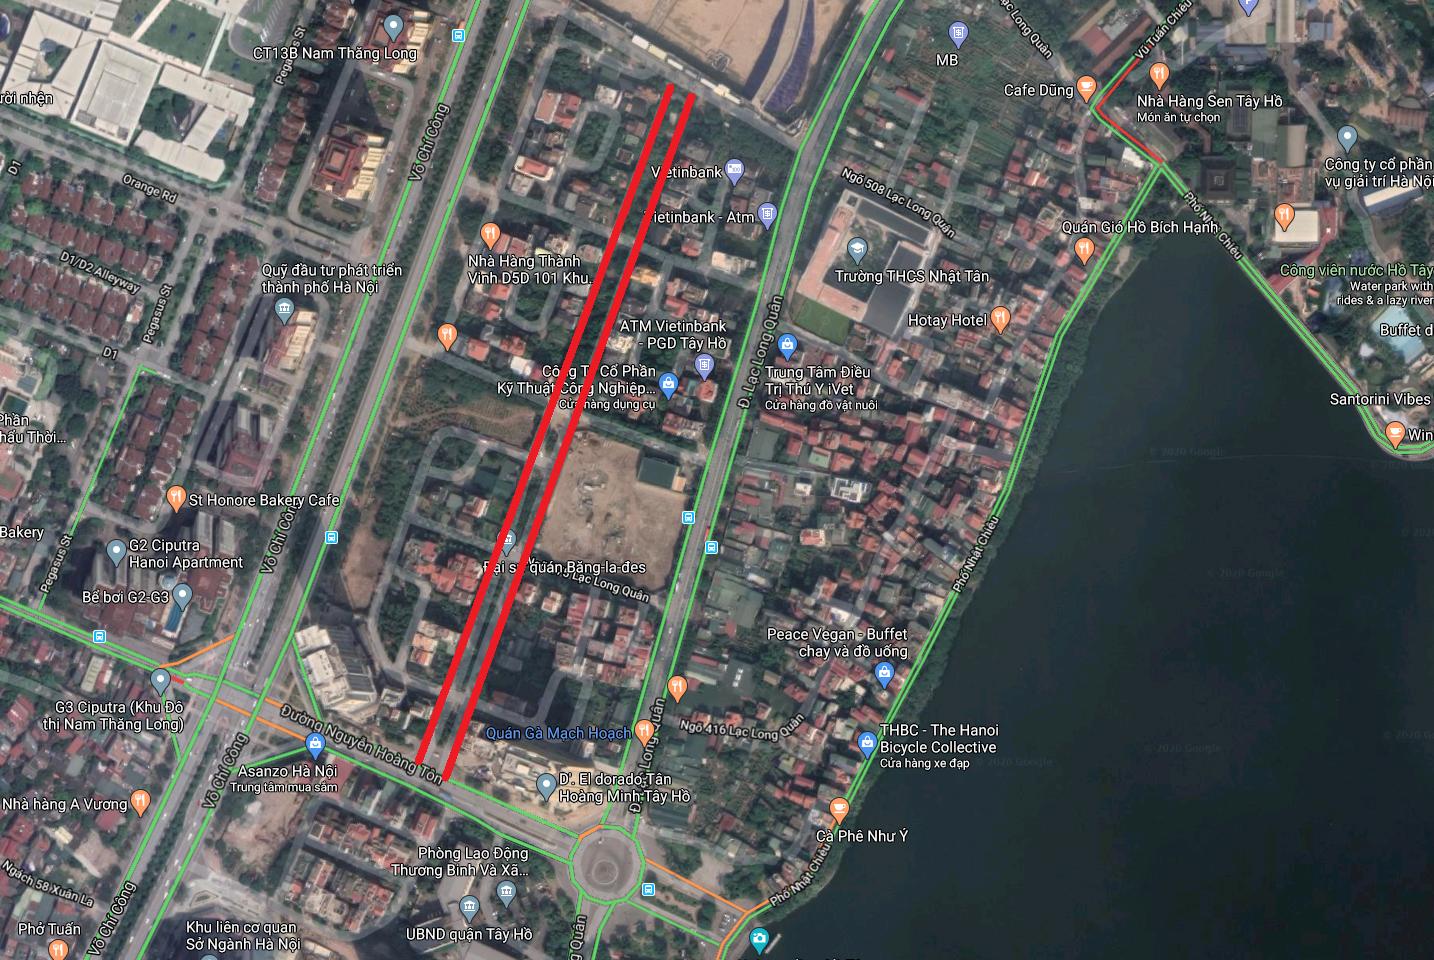 Dự án D' EL Dorado đang mở bán: Cách Hồ Tây 150 m, nằm trên hai đường vành đai của Hà Nội - Ảnh 5.